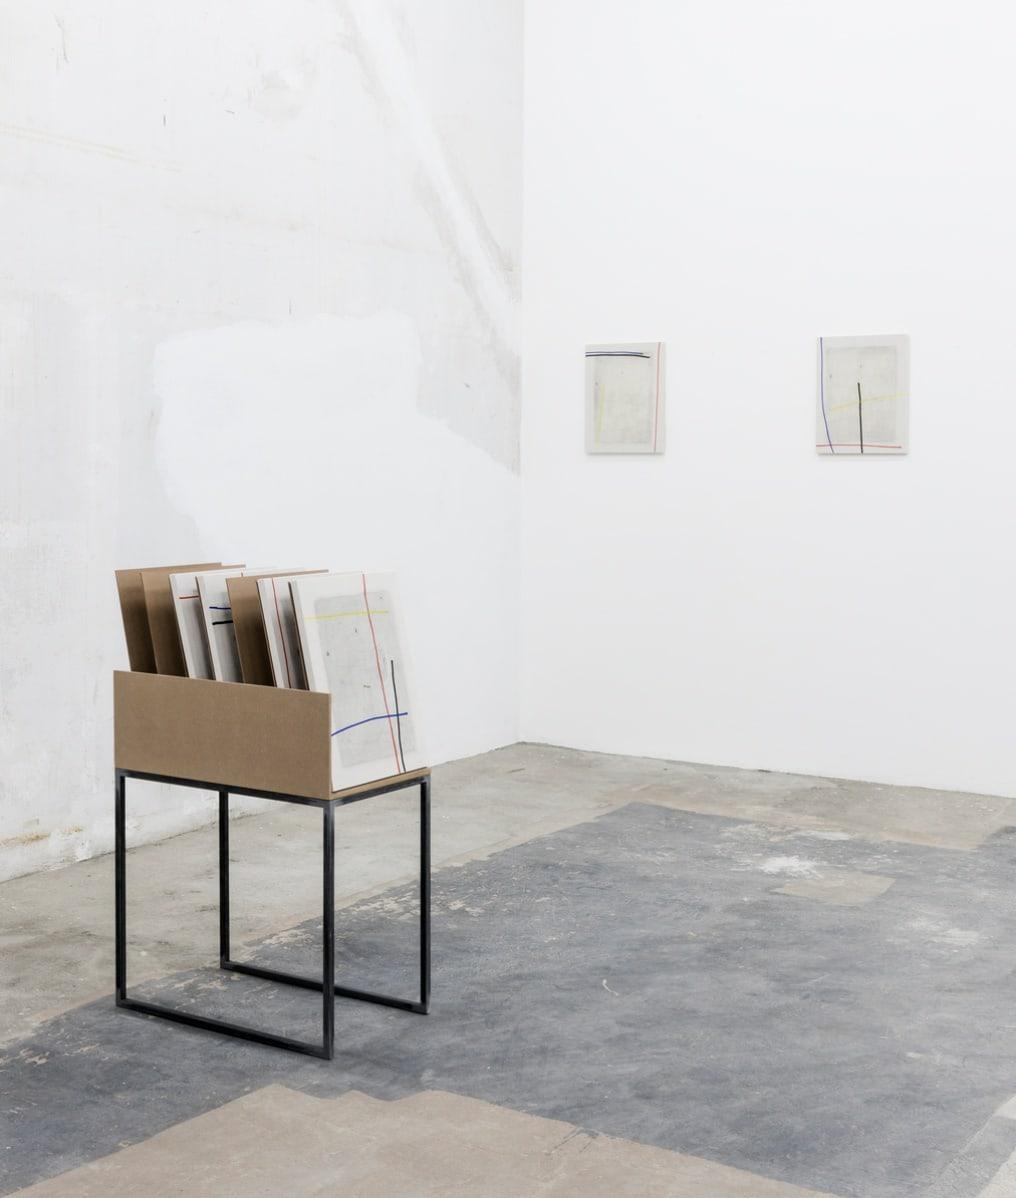 Riccardo Baruzzi, Il porta pittura di Snoopy con Mondrian, 2017